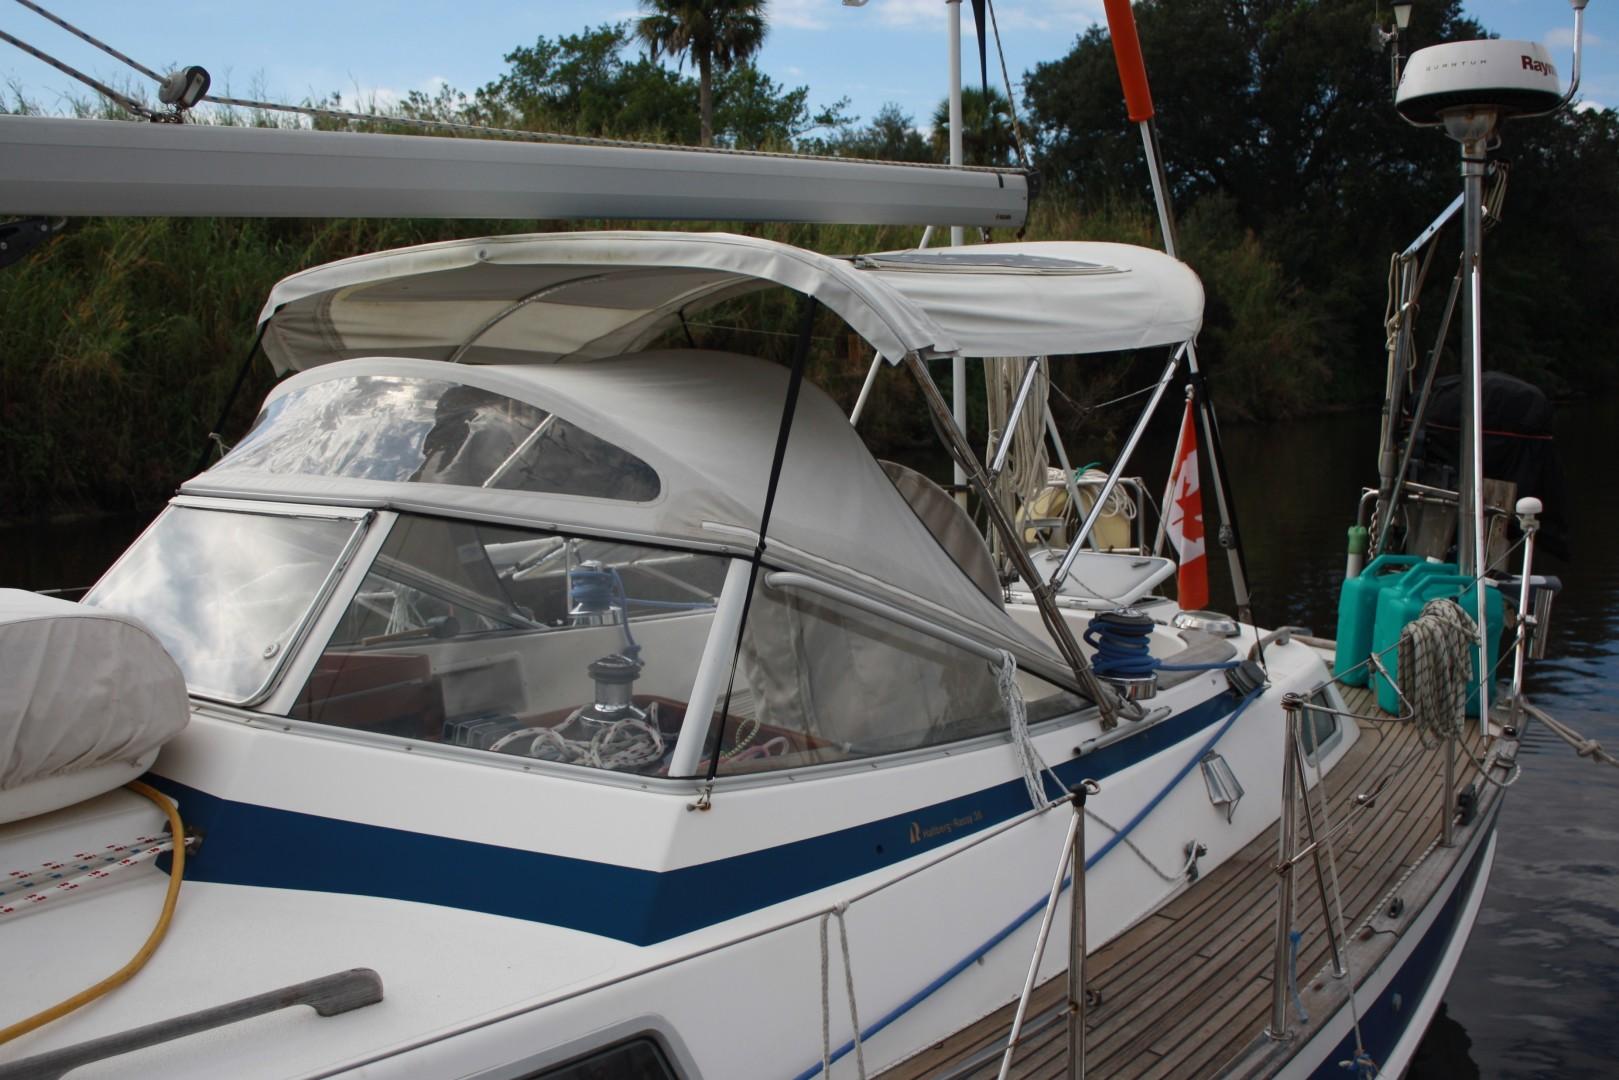 Hallberg-Rassy-36 MKII 2002-Vivace 1 Stuart-Florida-United States-1312762   Thumbnail